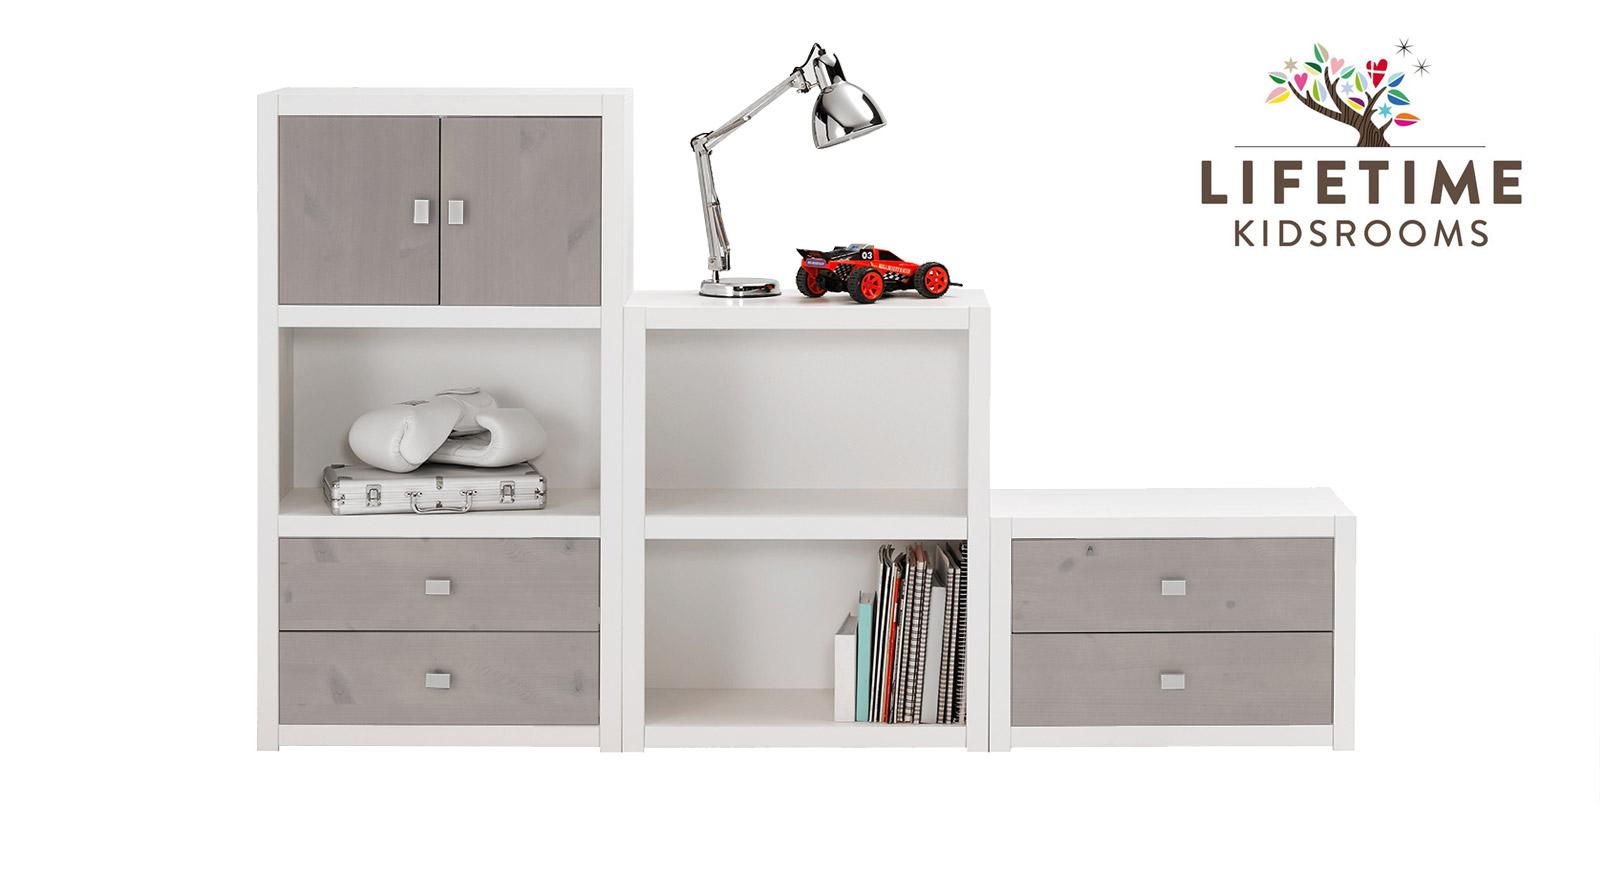 Weiß lackierte LIFETIME Regalwand Original in Größe S mit Blenden in Grau